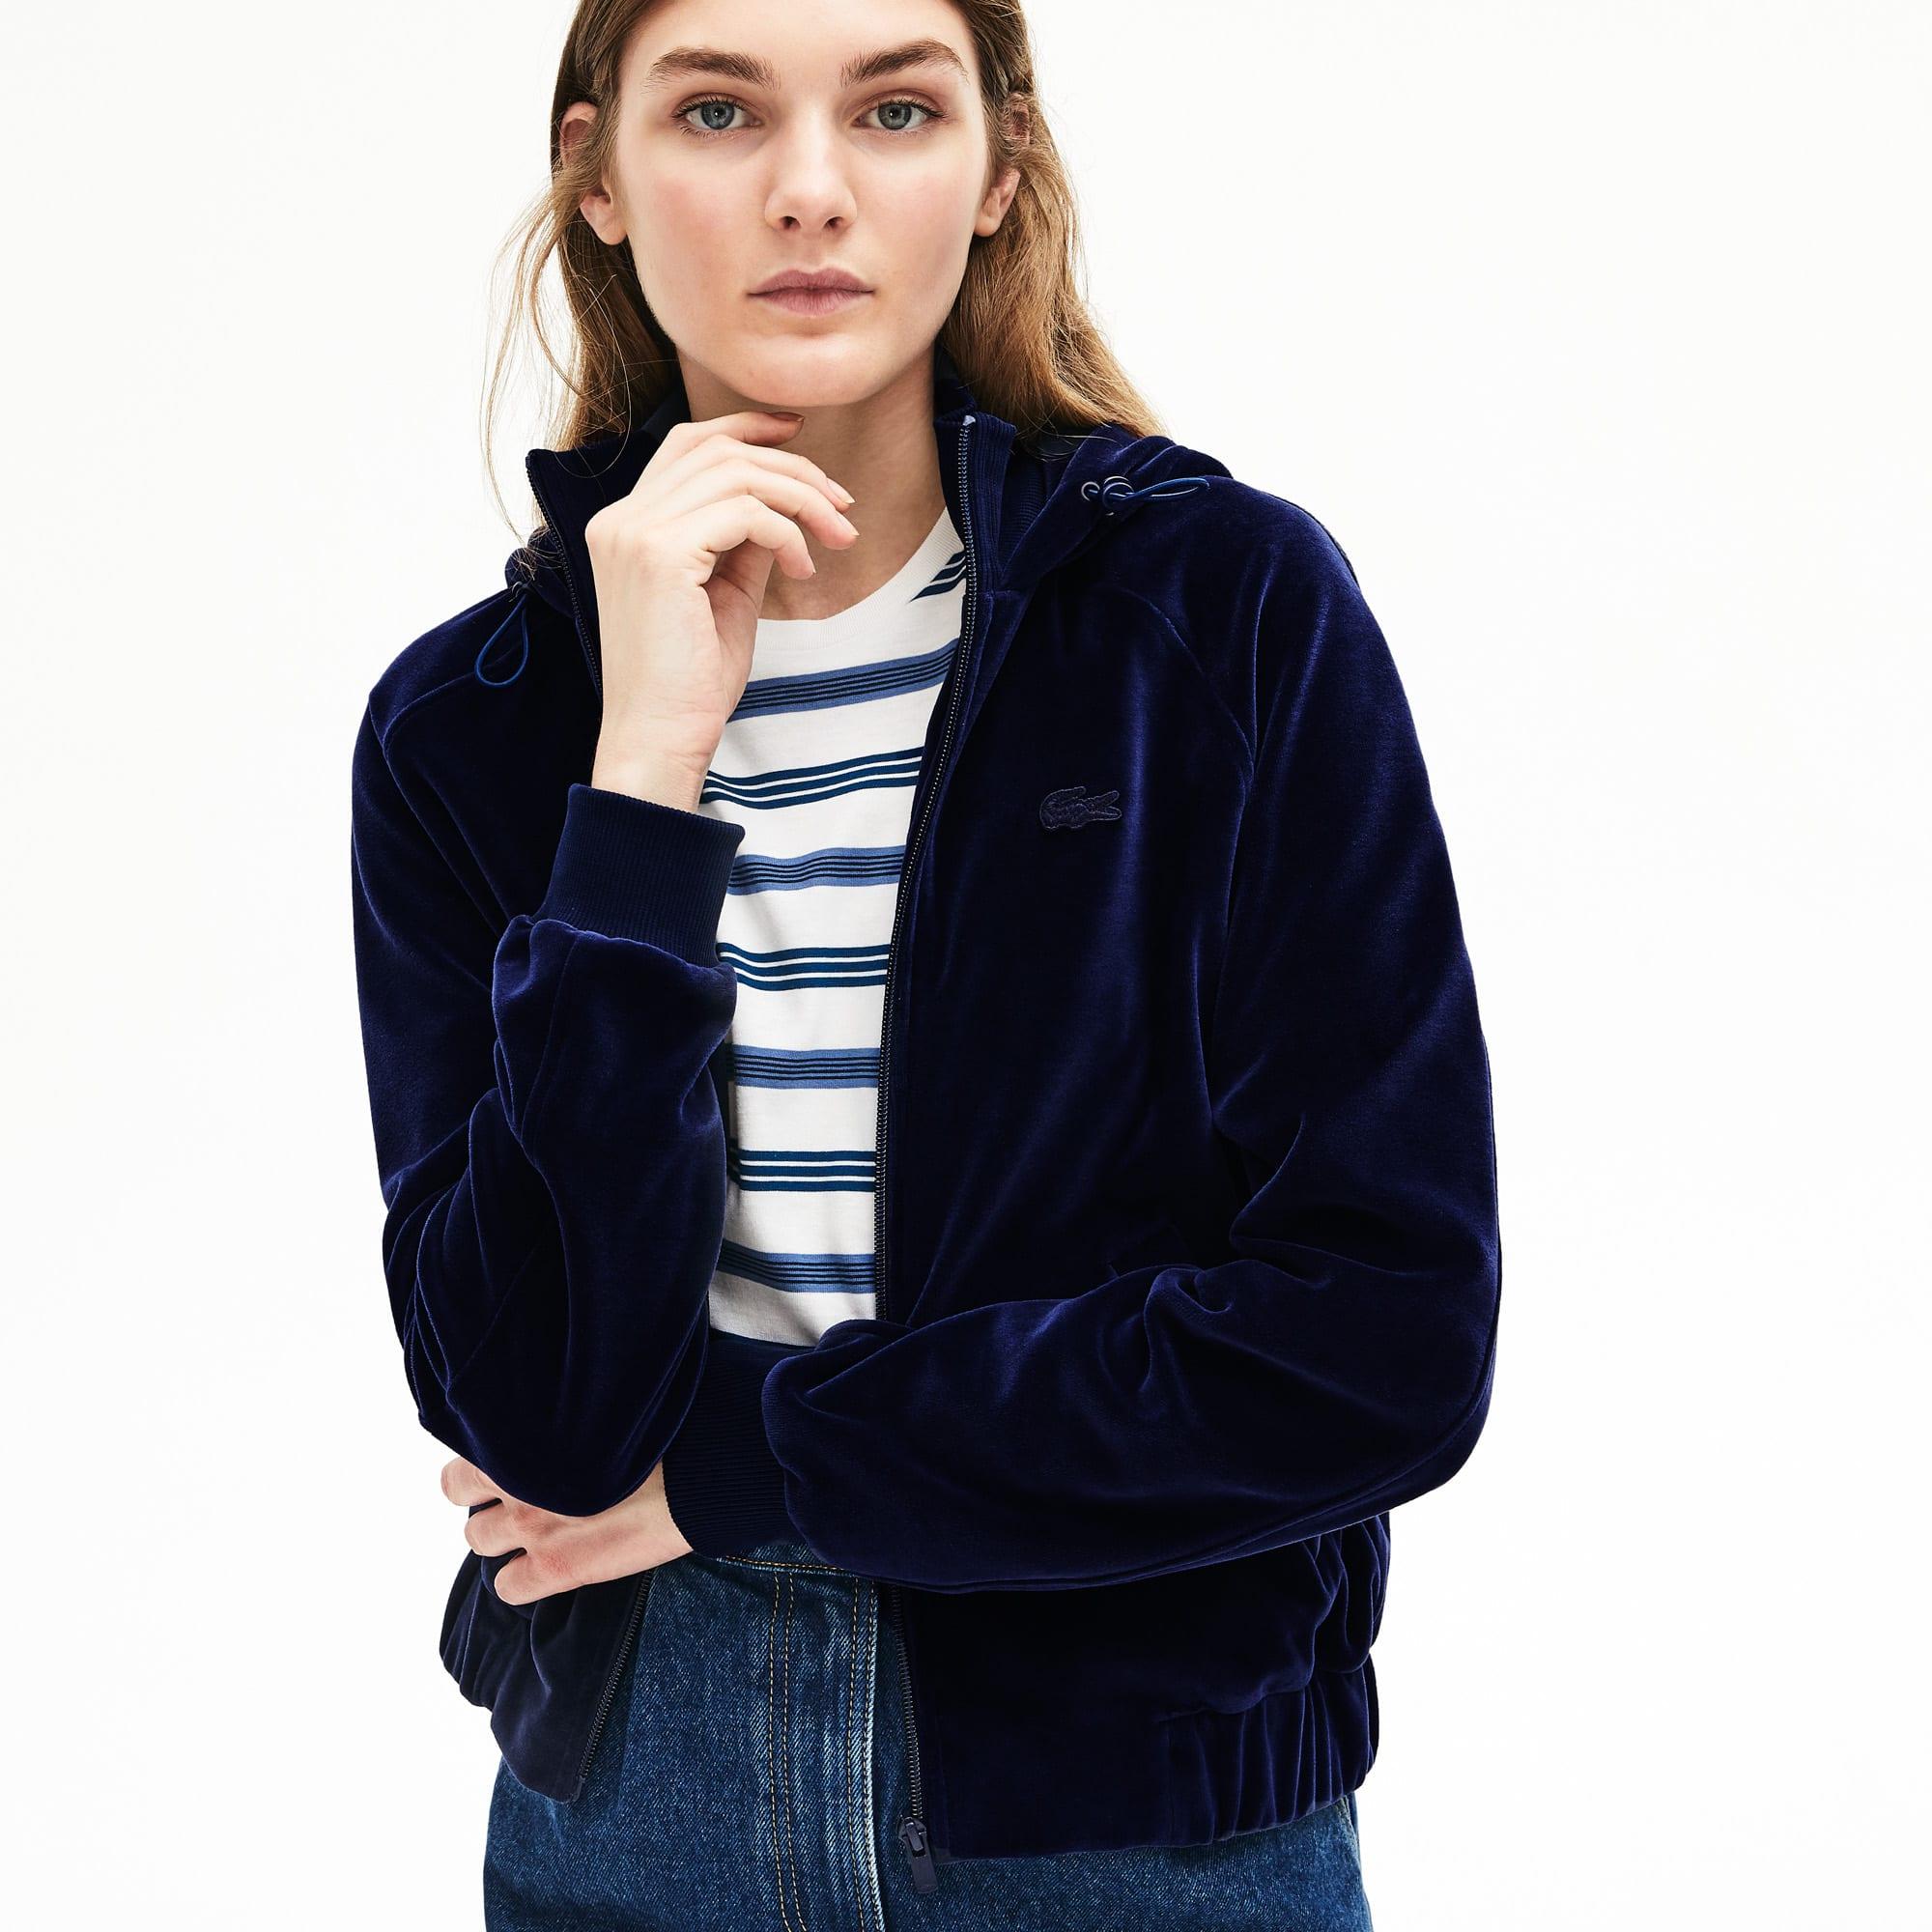 Lacoste Tops Women's Hooded Velour Terry Zip-Front Sweatshirt